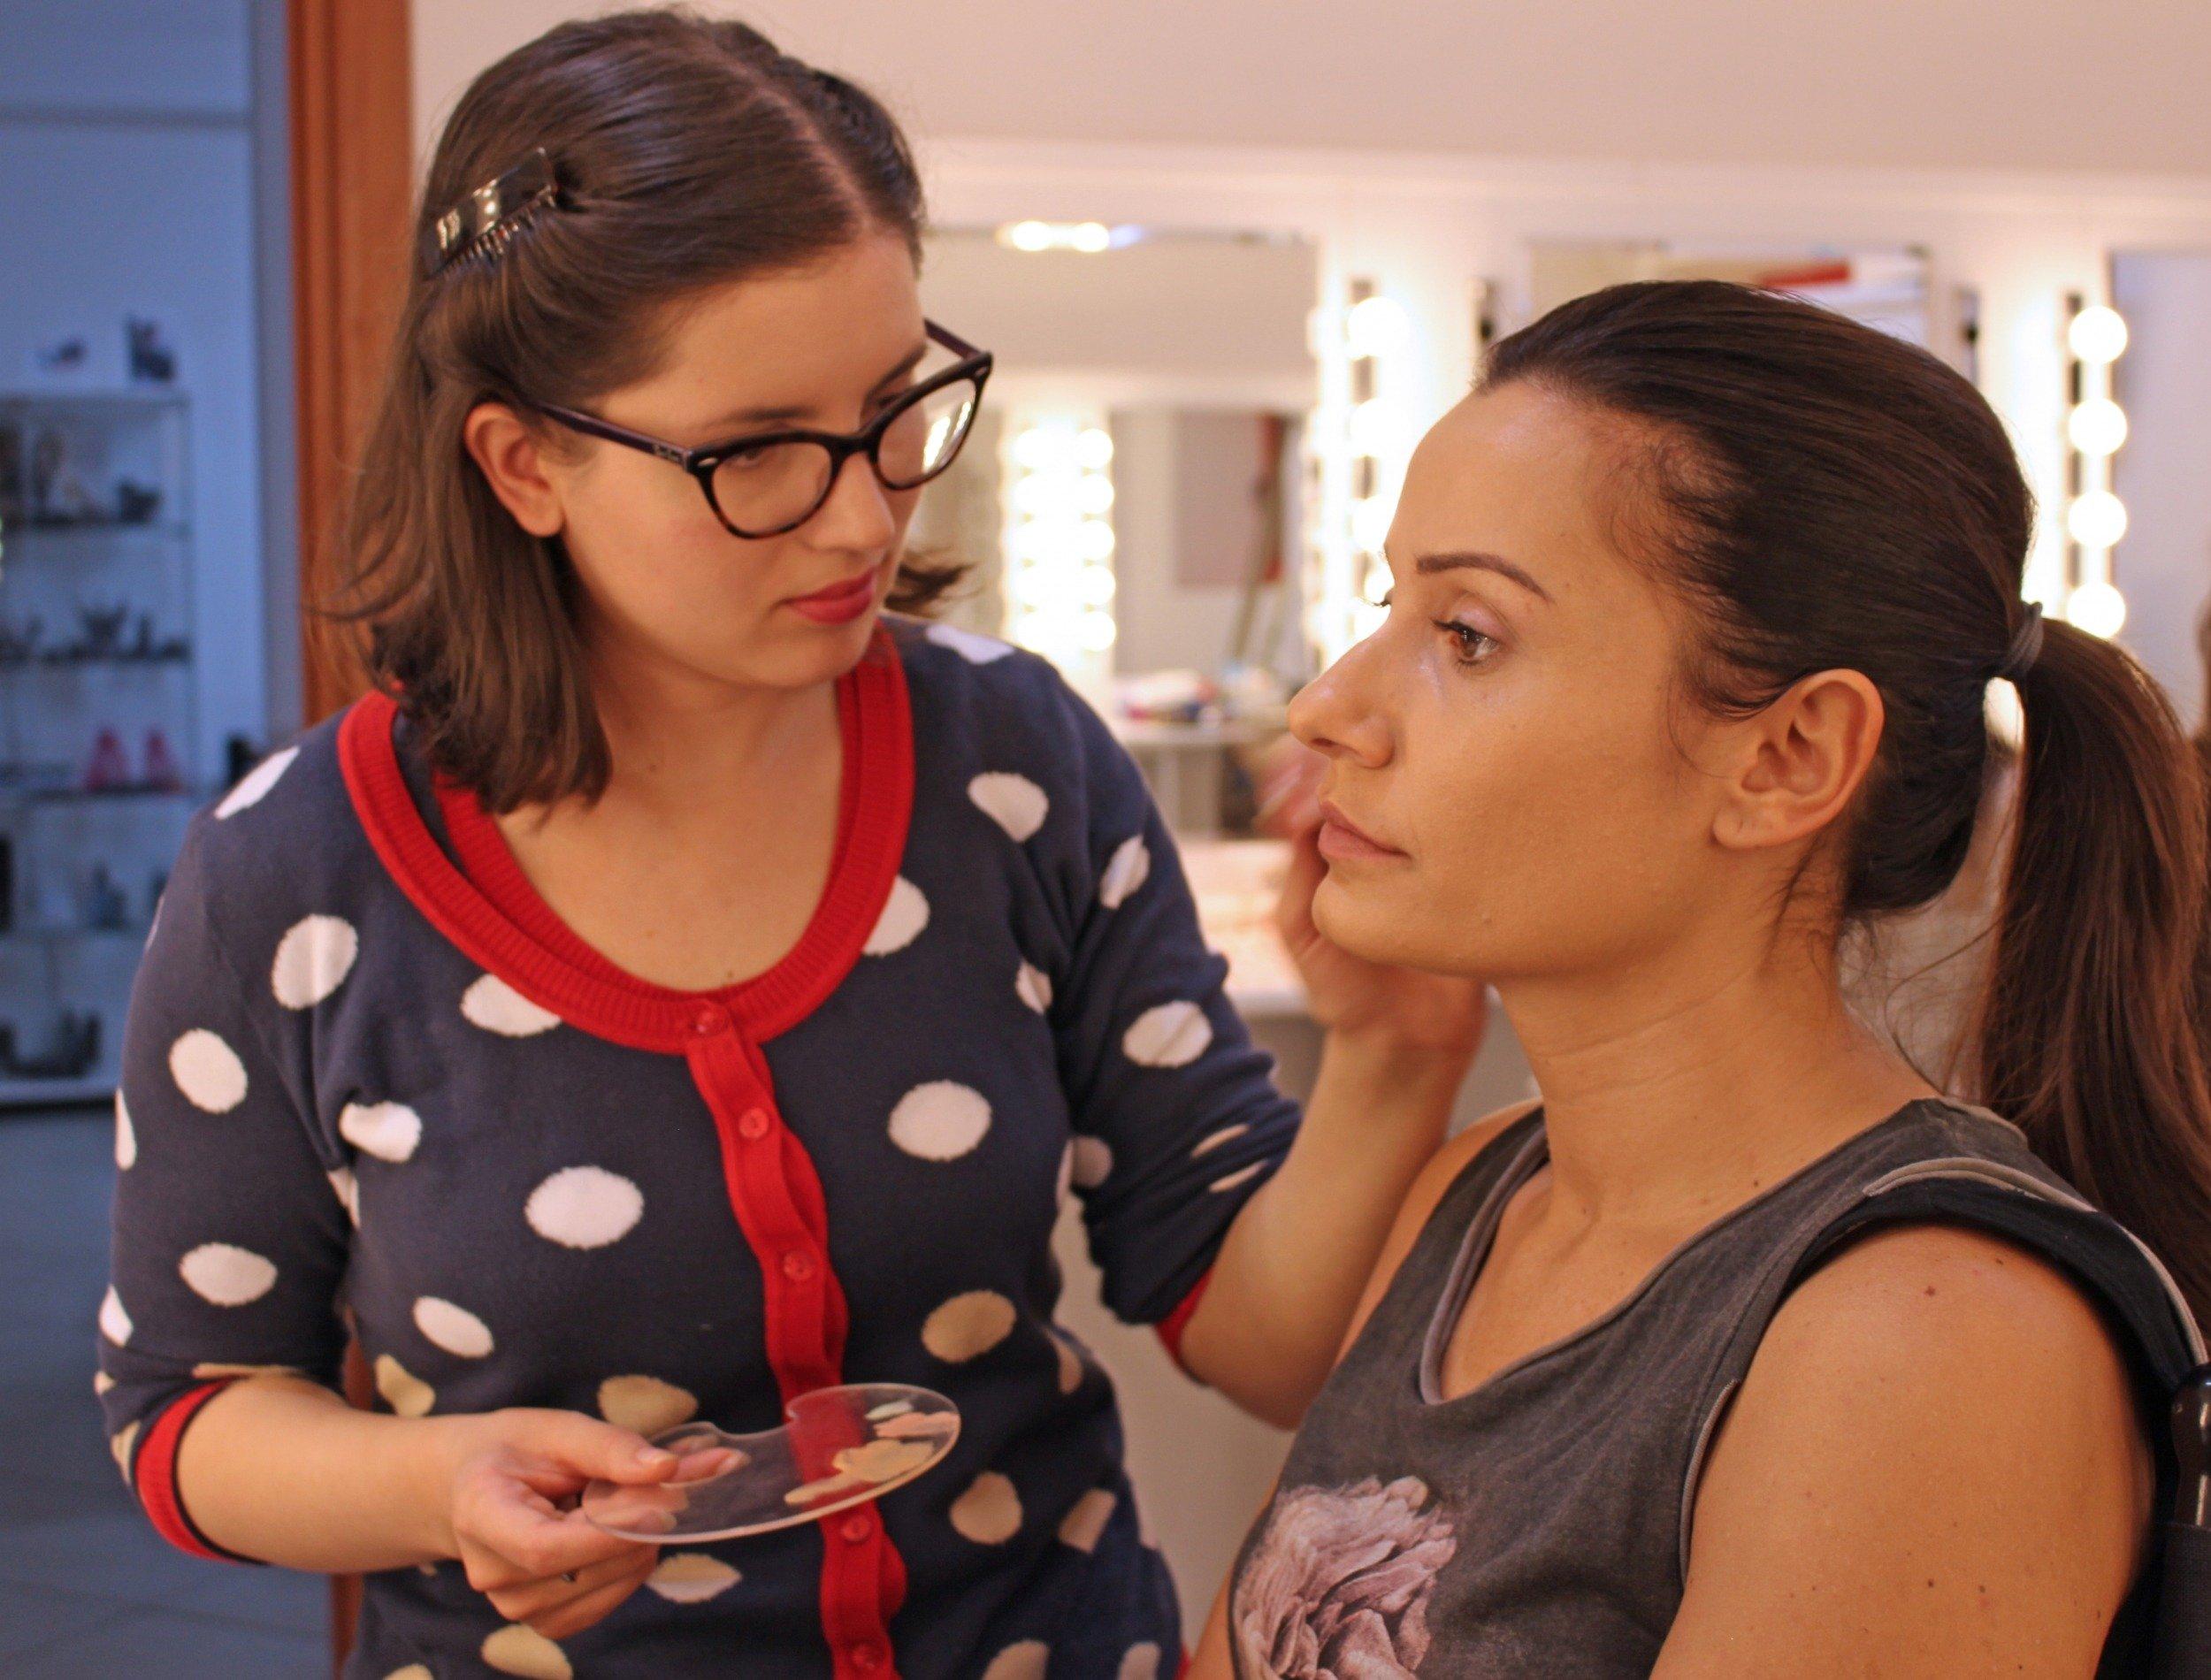 Il lavoro di Make-up Artist